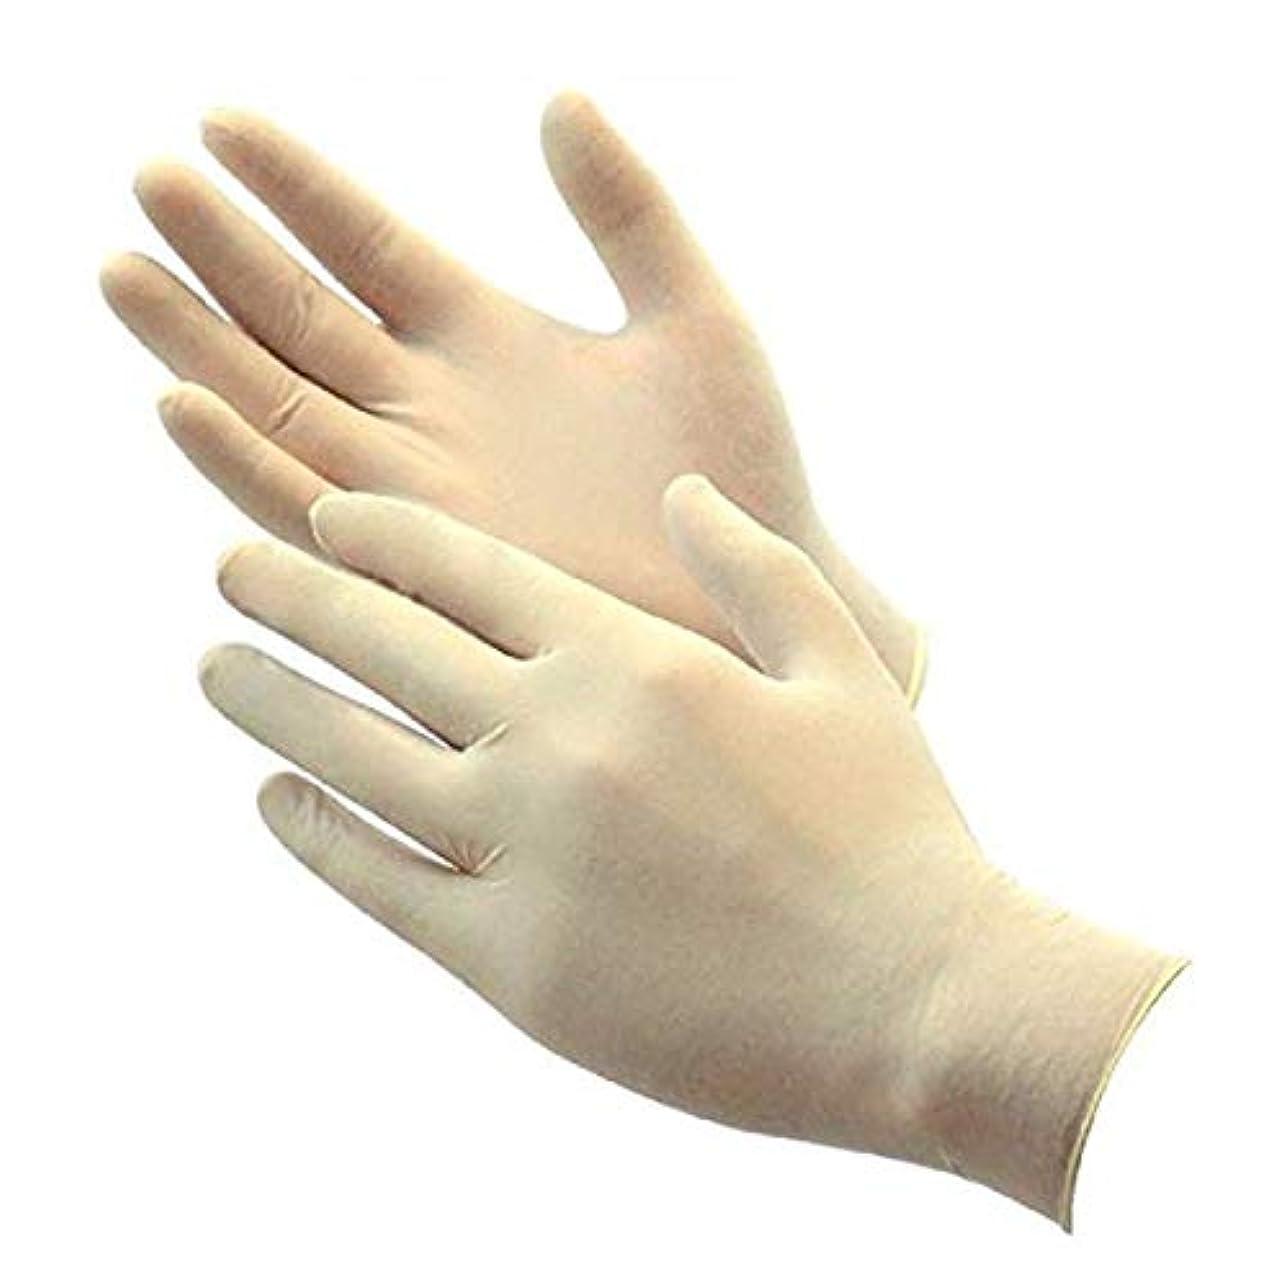 有効盟主むしゃむしゃ高品質ラテックス手袋(クリーンパック)100枚入り (L)